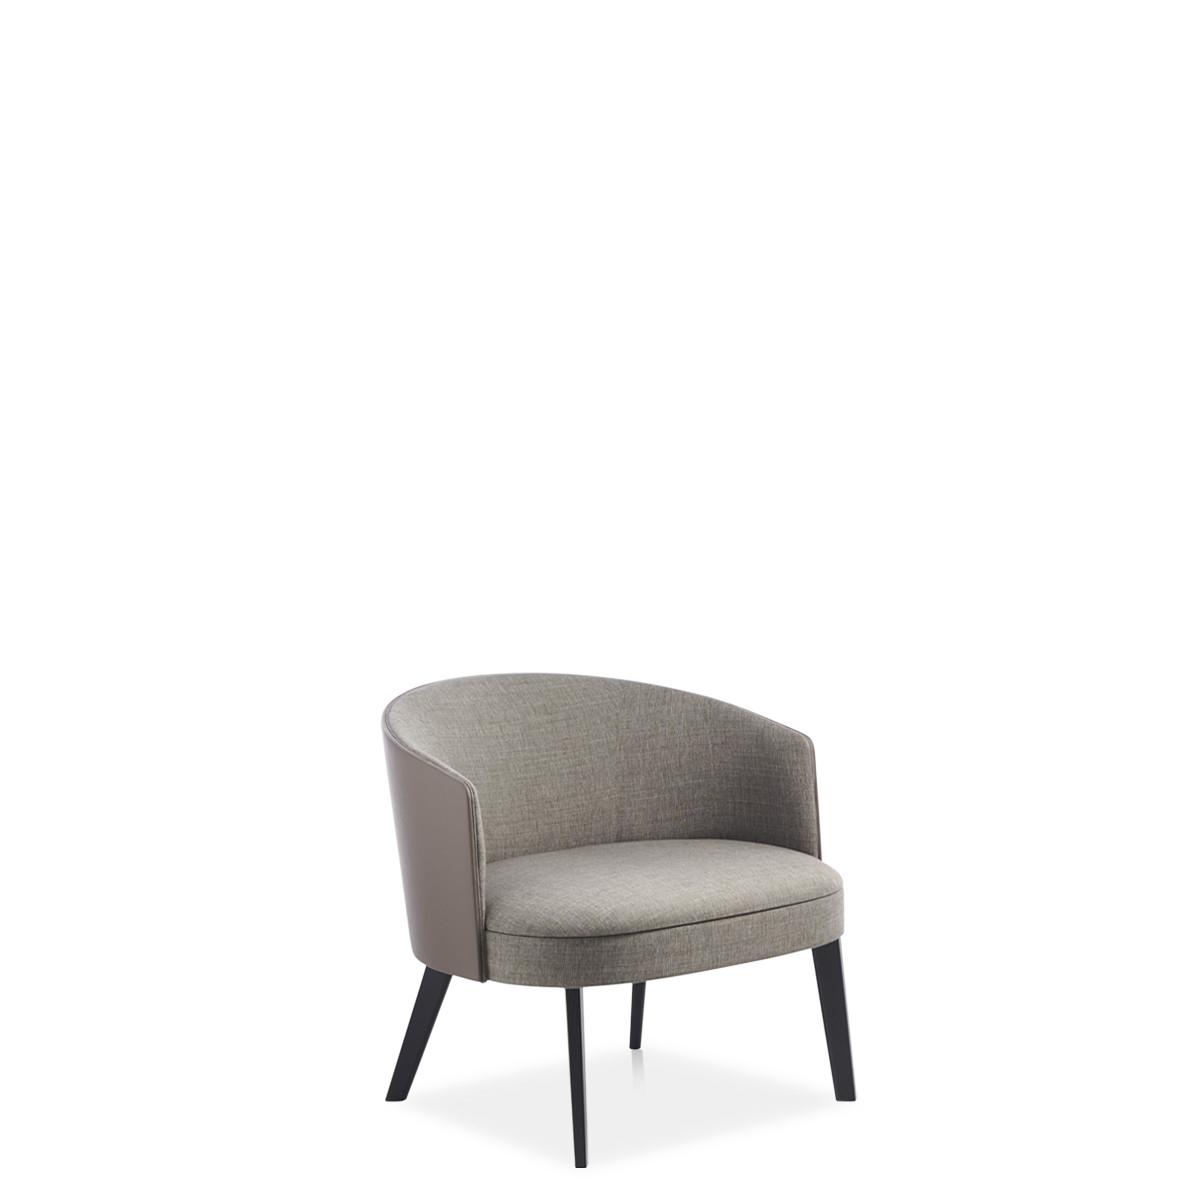 Entdecken Sie bei Conzept Beckord besondere Designmöbel! Hier finden Sie Potocco Sofas und Sessel: Lena